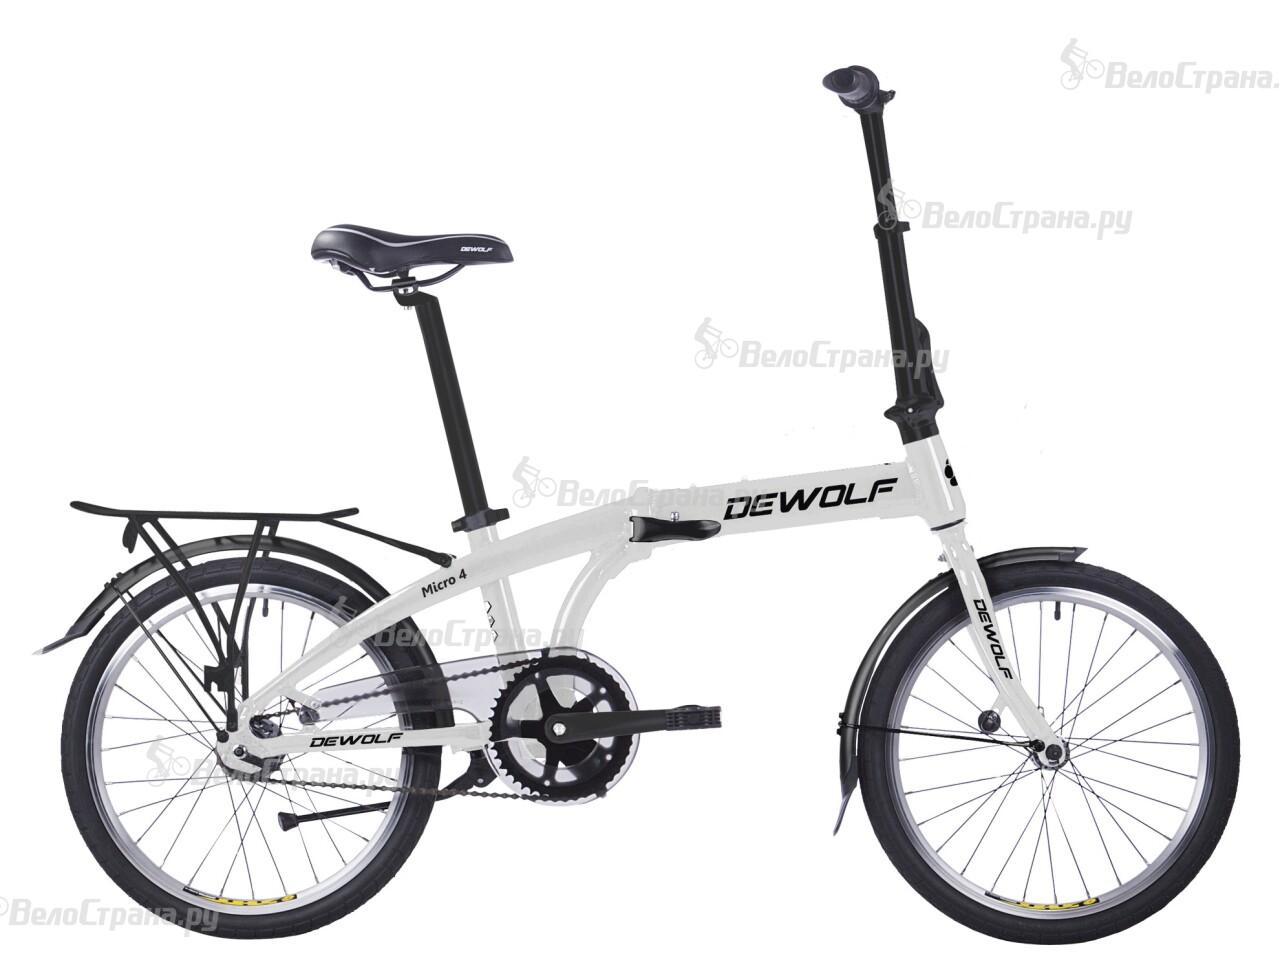 Велосипед Dewolf Micro 4 (2018)